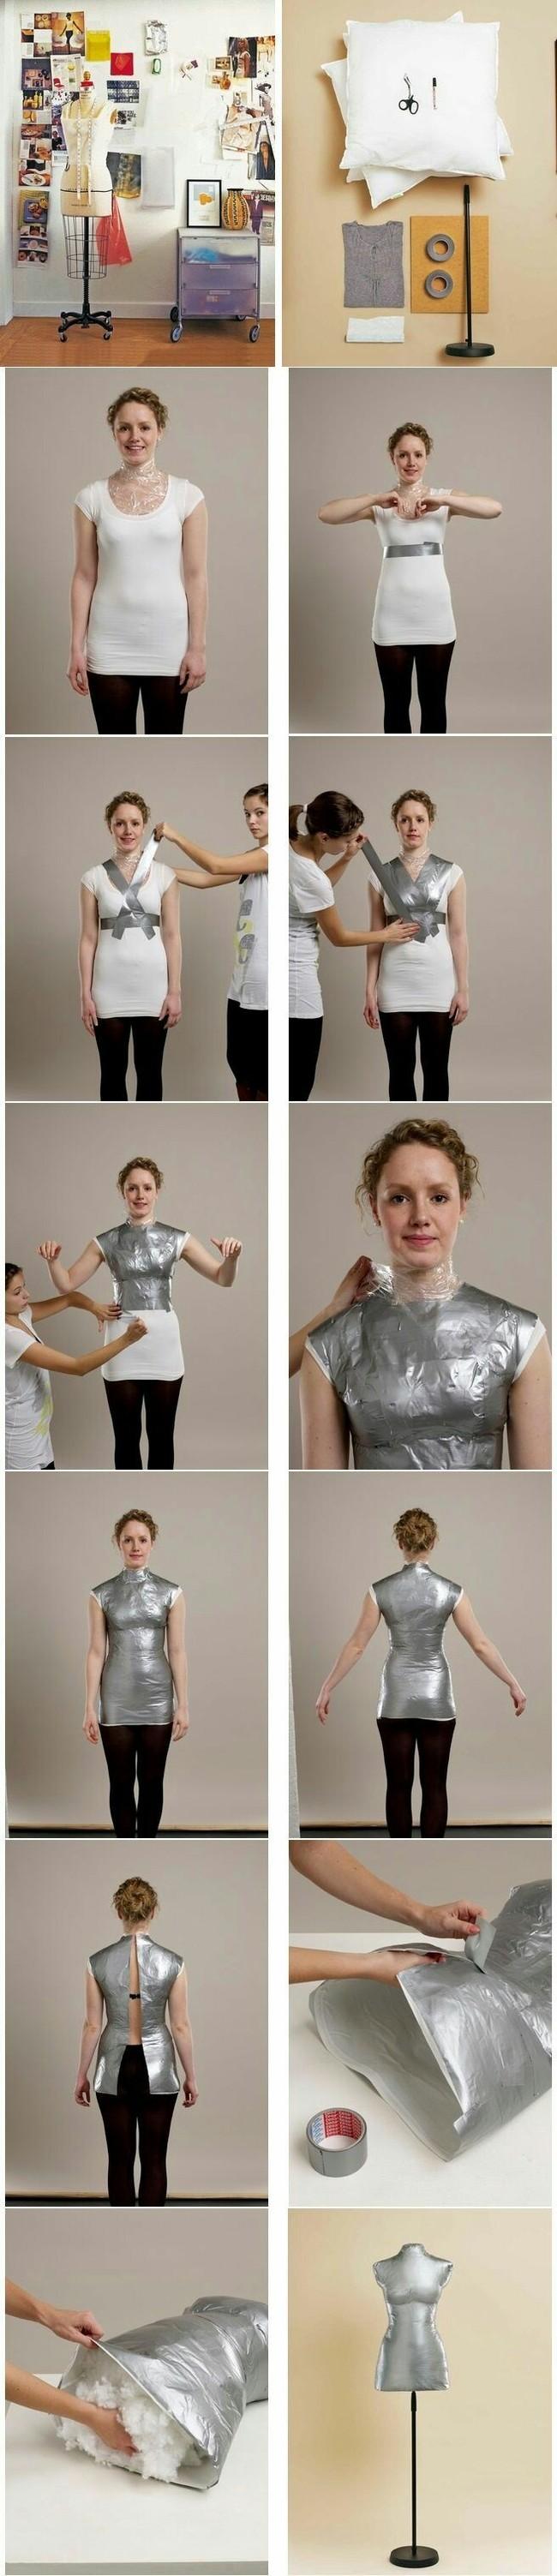 Как сделать манекен своими руками мастерская